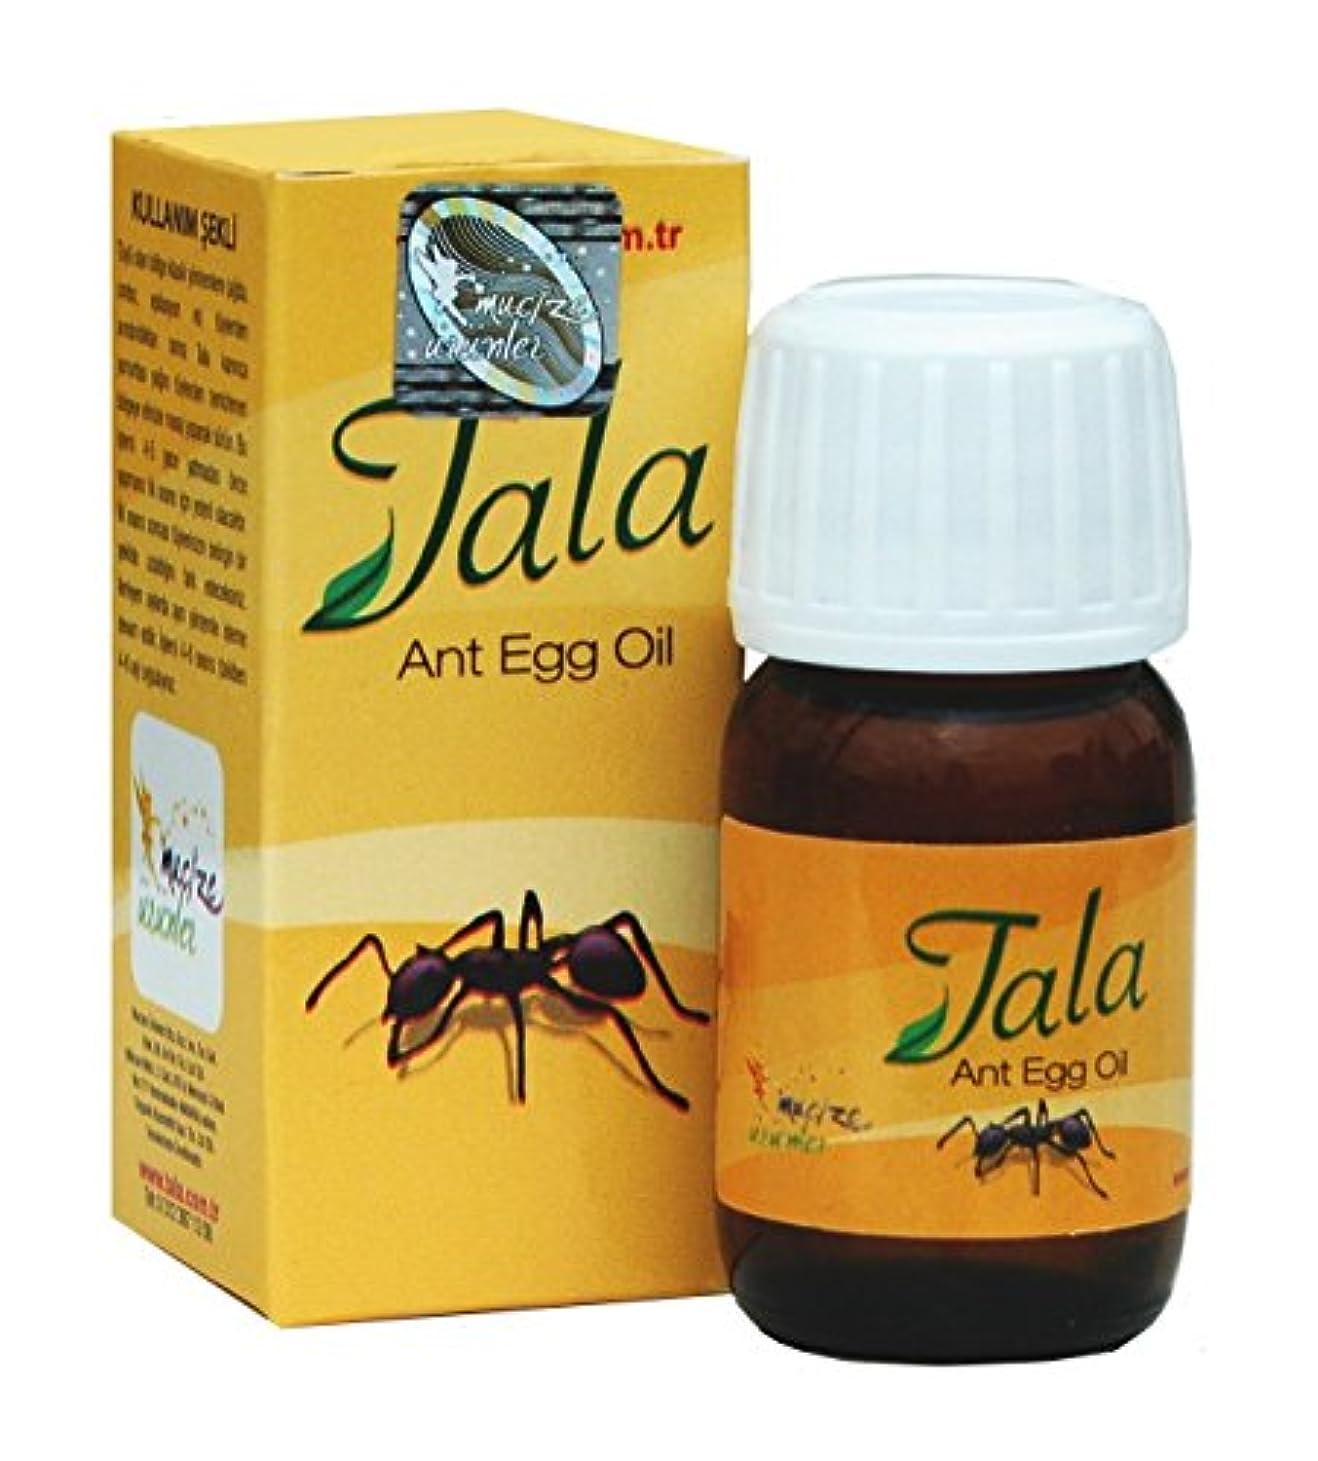 ルーフおとうさん親愛なTala Ant Egg Oil (アリ脱毛オイル) 20 ml [並行輸入品]